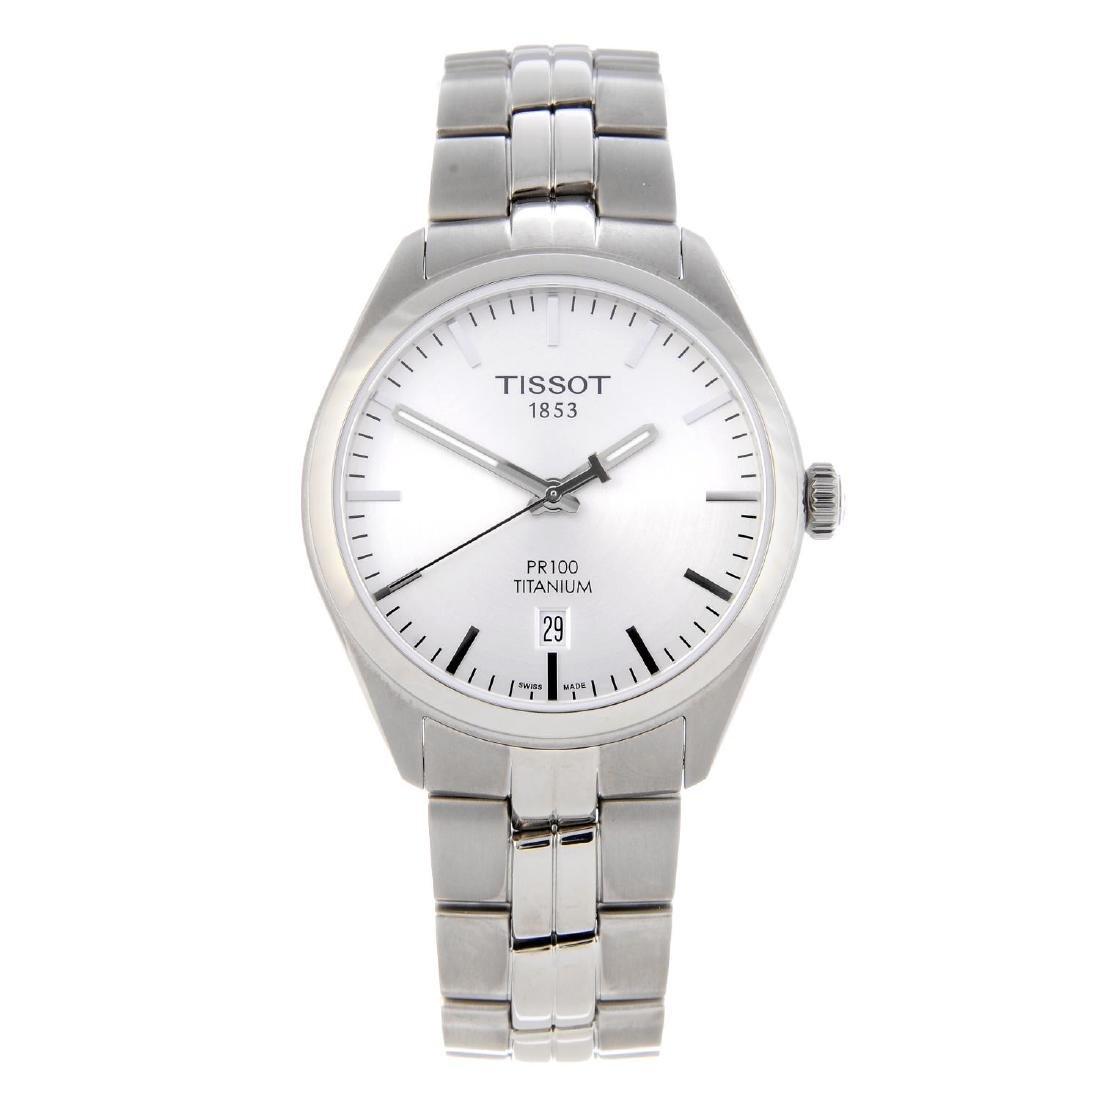 CURRENT MODEL: TISSOT - a gentleman's PR100 bracelet